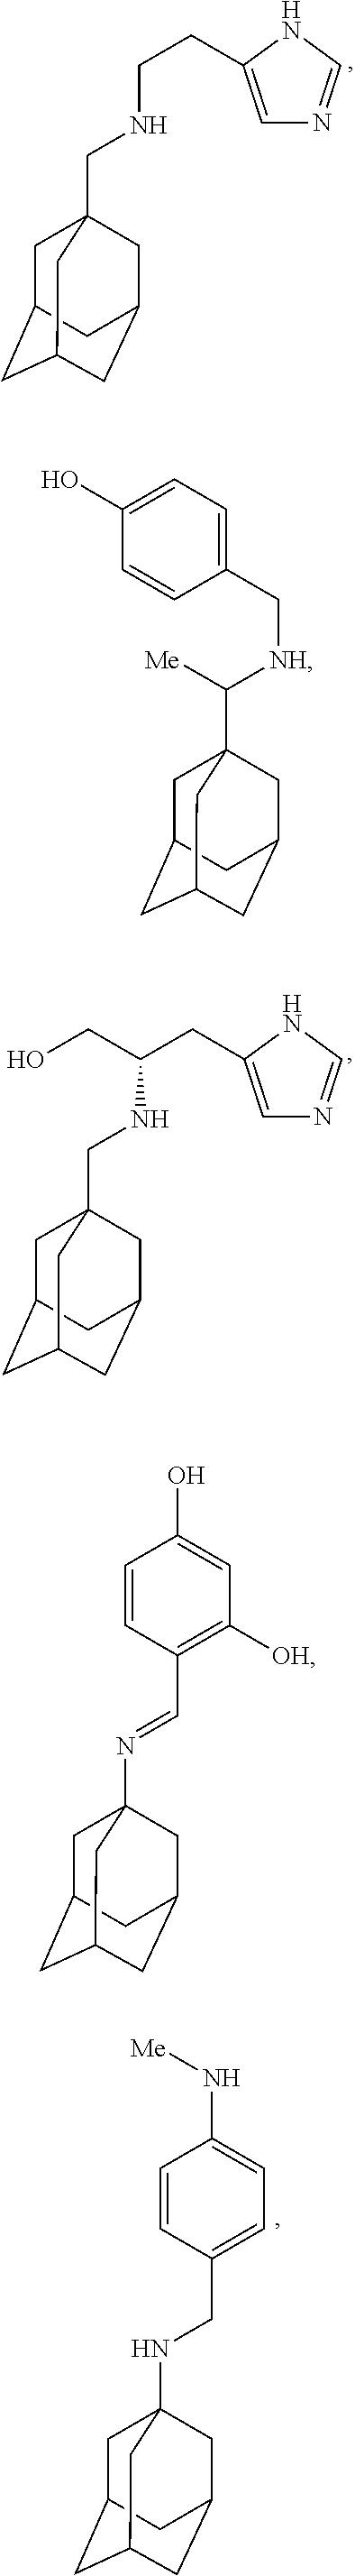 Figure US09884832-20180206-C00007